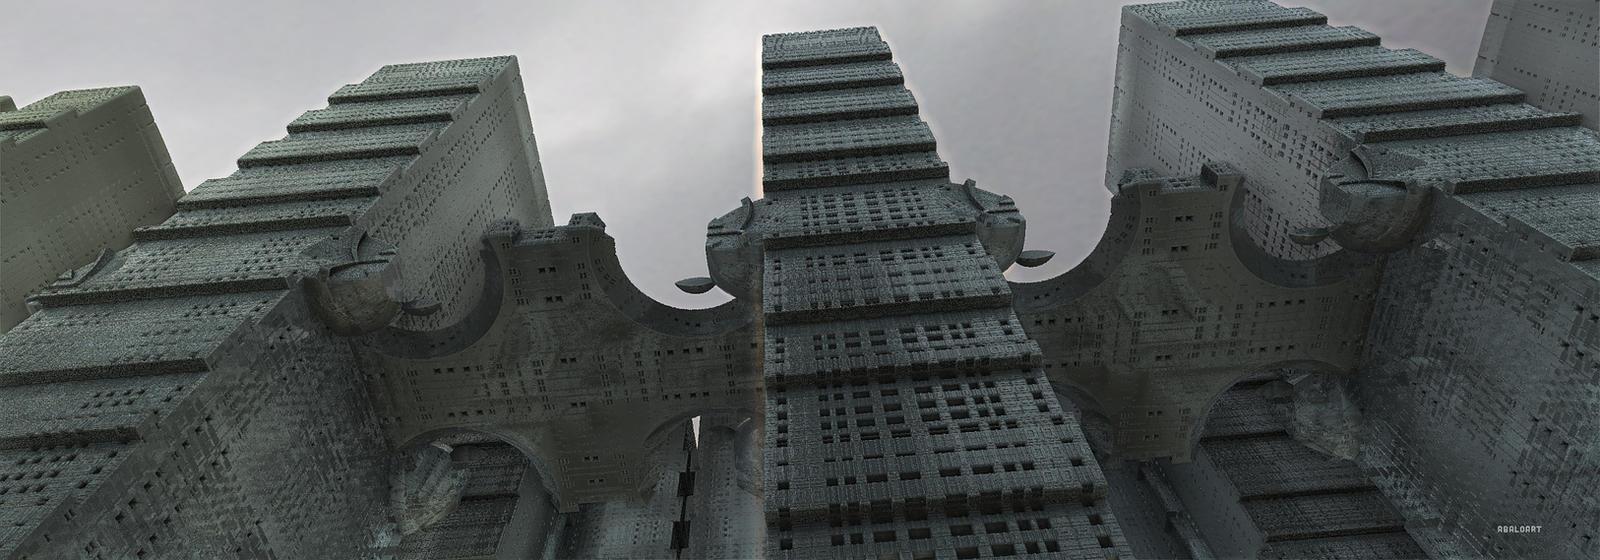 Towers Of Doom by batjorge